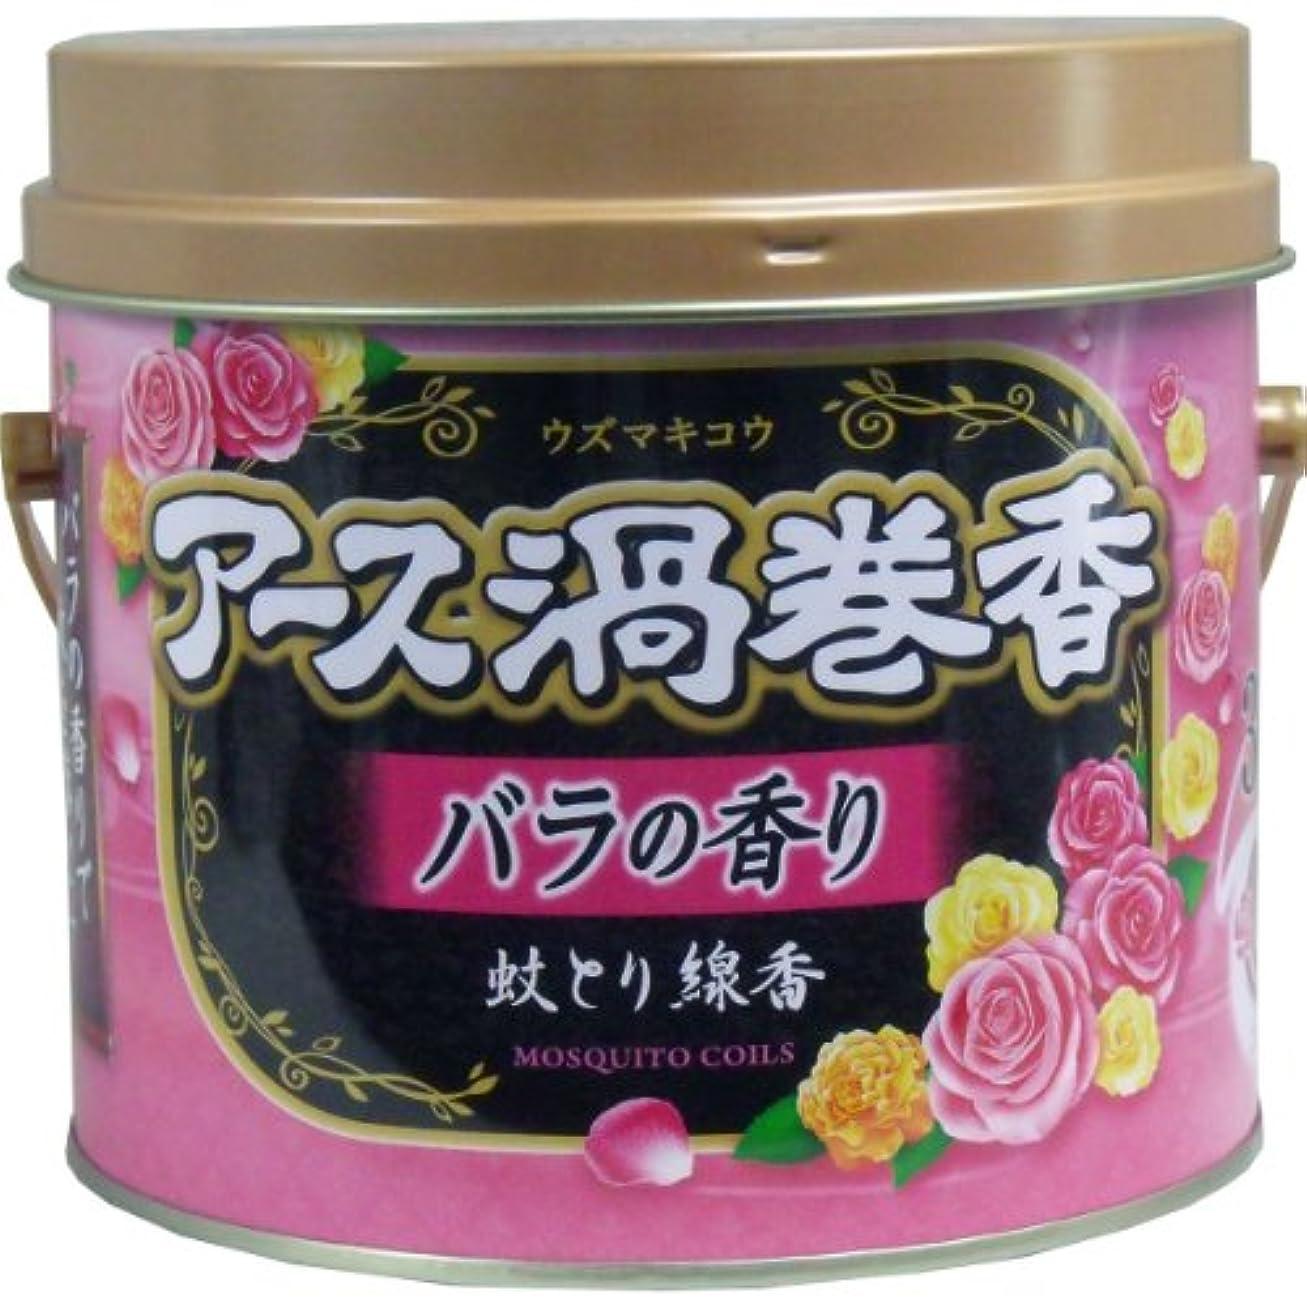 役に立つ民族主義特別にアース渦巻香 蚊とり線香 バラの香り 30巻2個セット